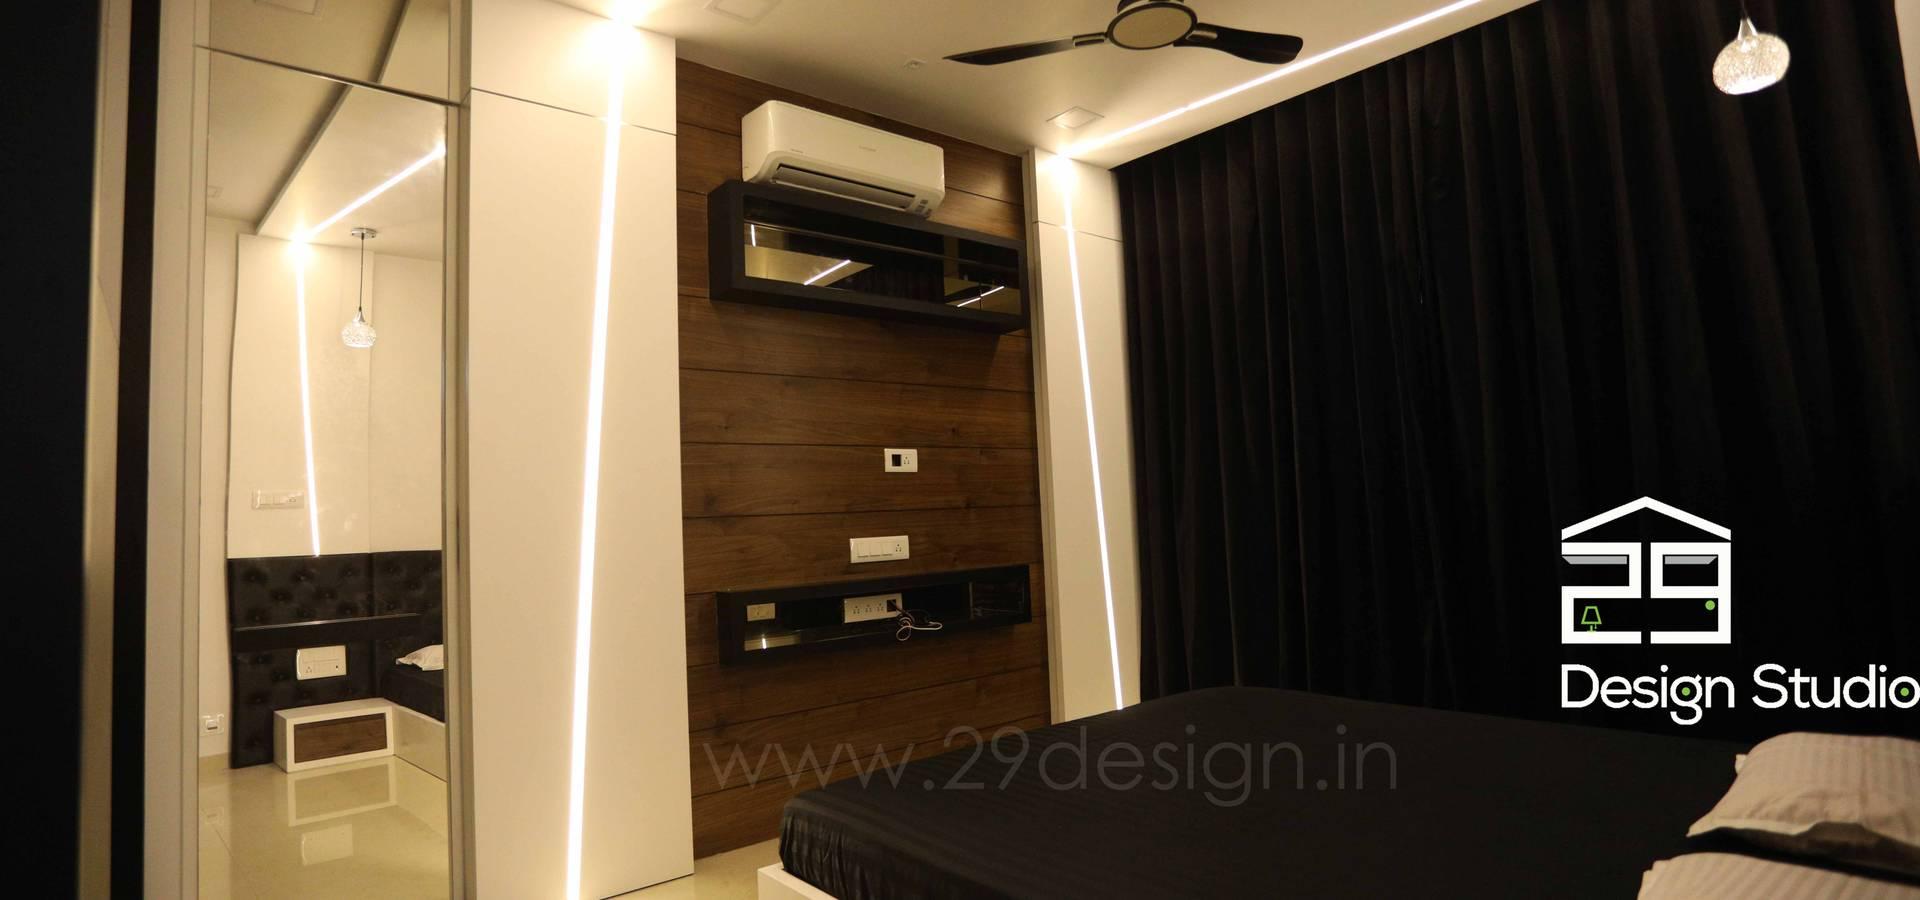 29Design Studio